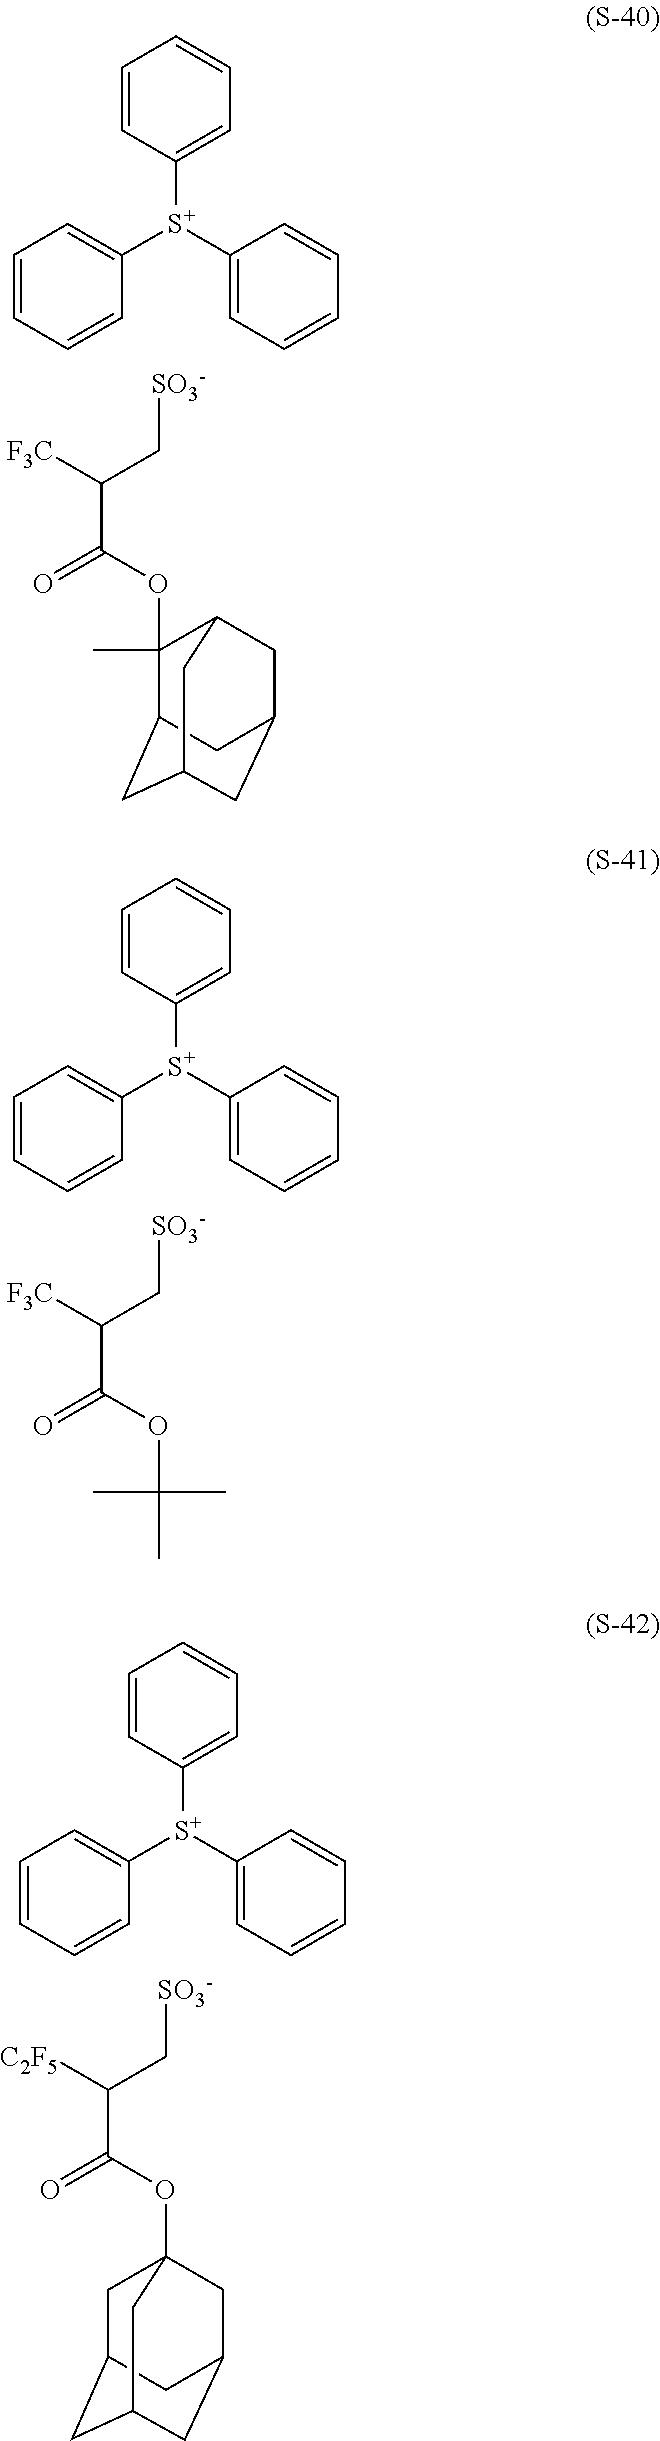 Figure US09477149-20161025-C00052